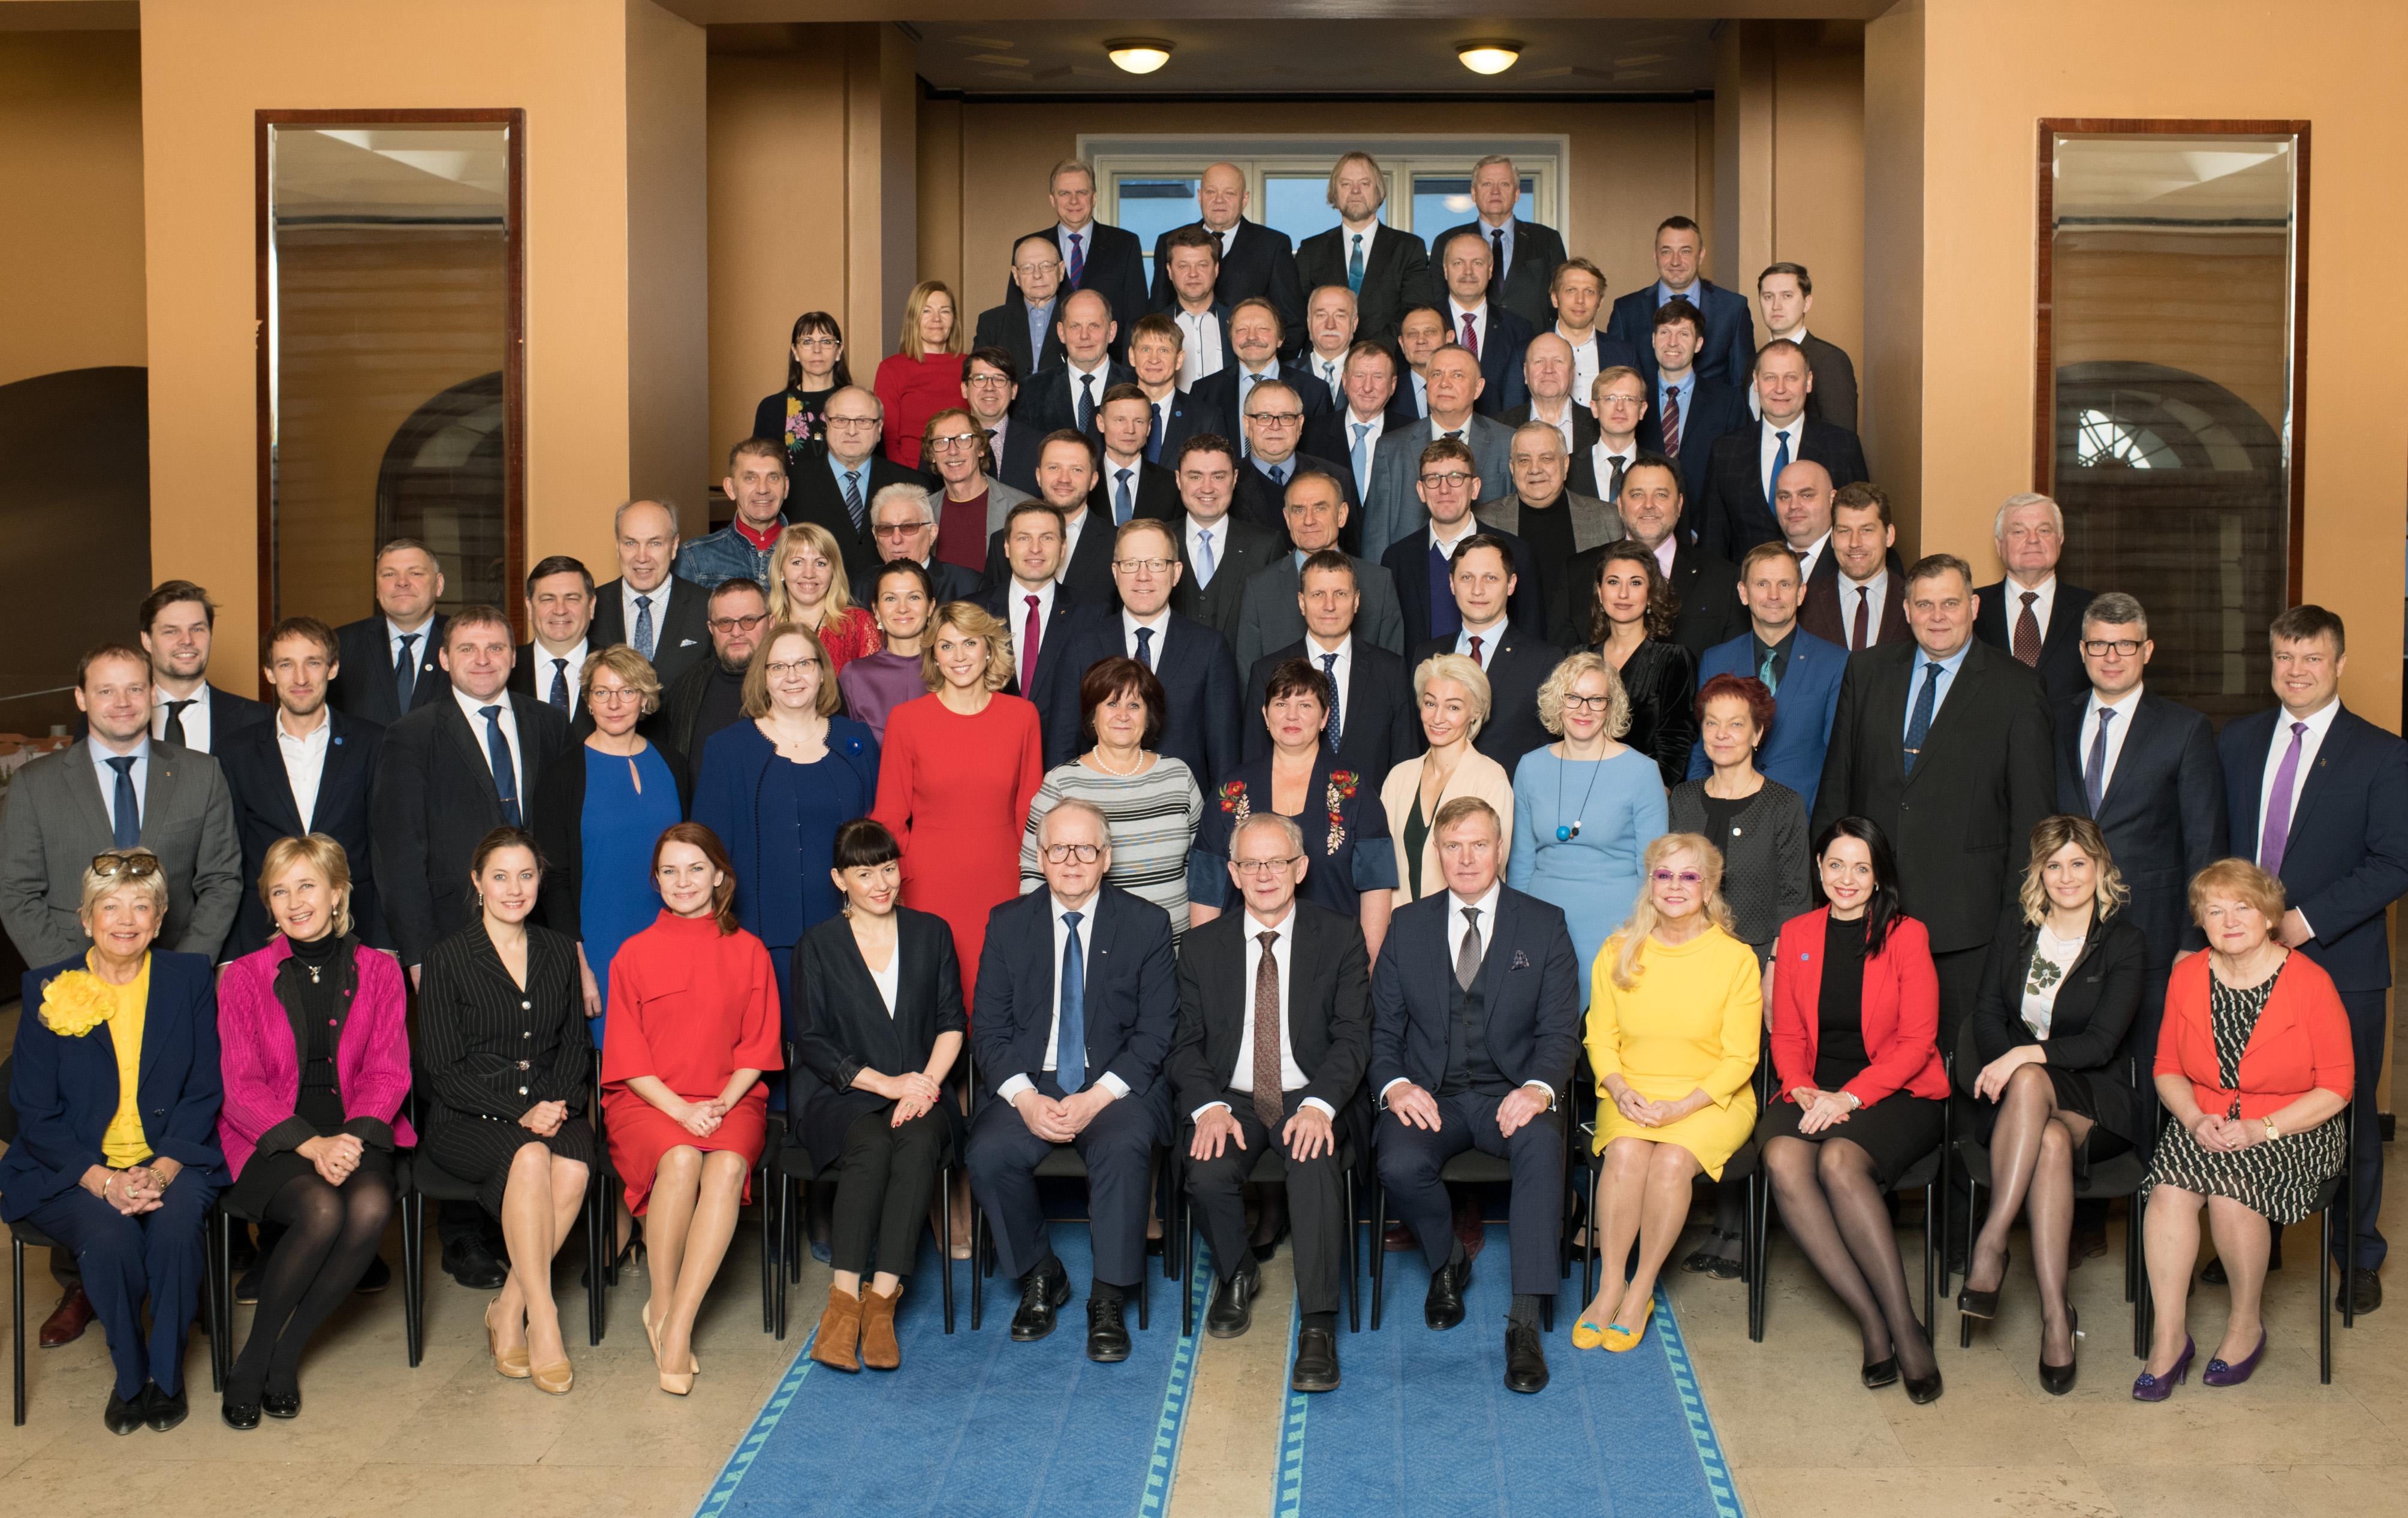 XIII Riigikogu 21. veebruaril 2019.